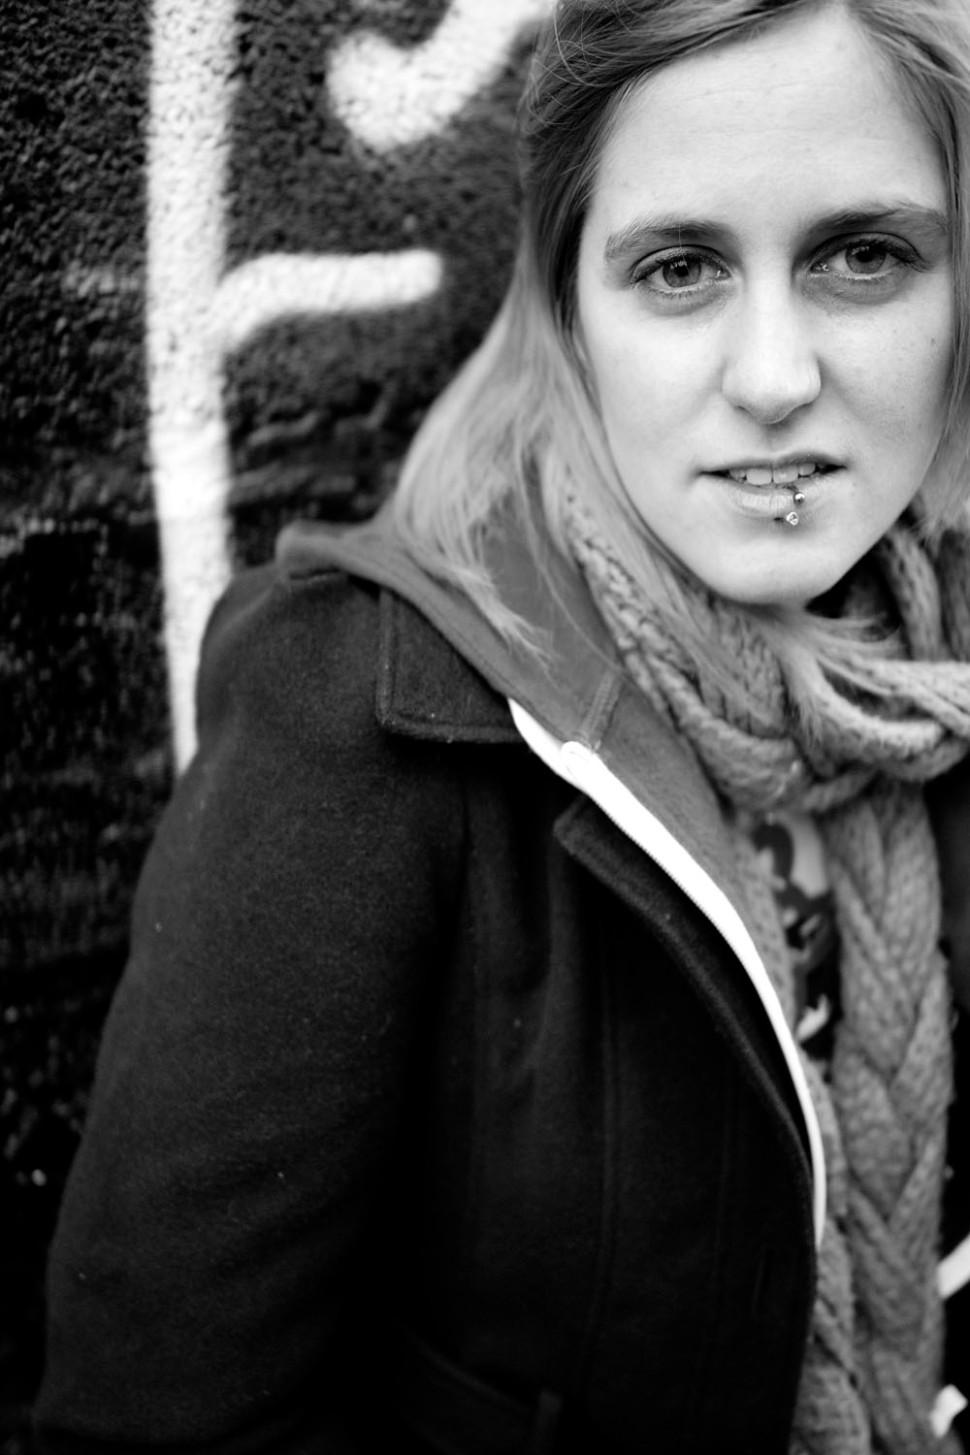 violet-noir-sony-rx1-portraits-006